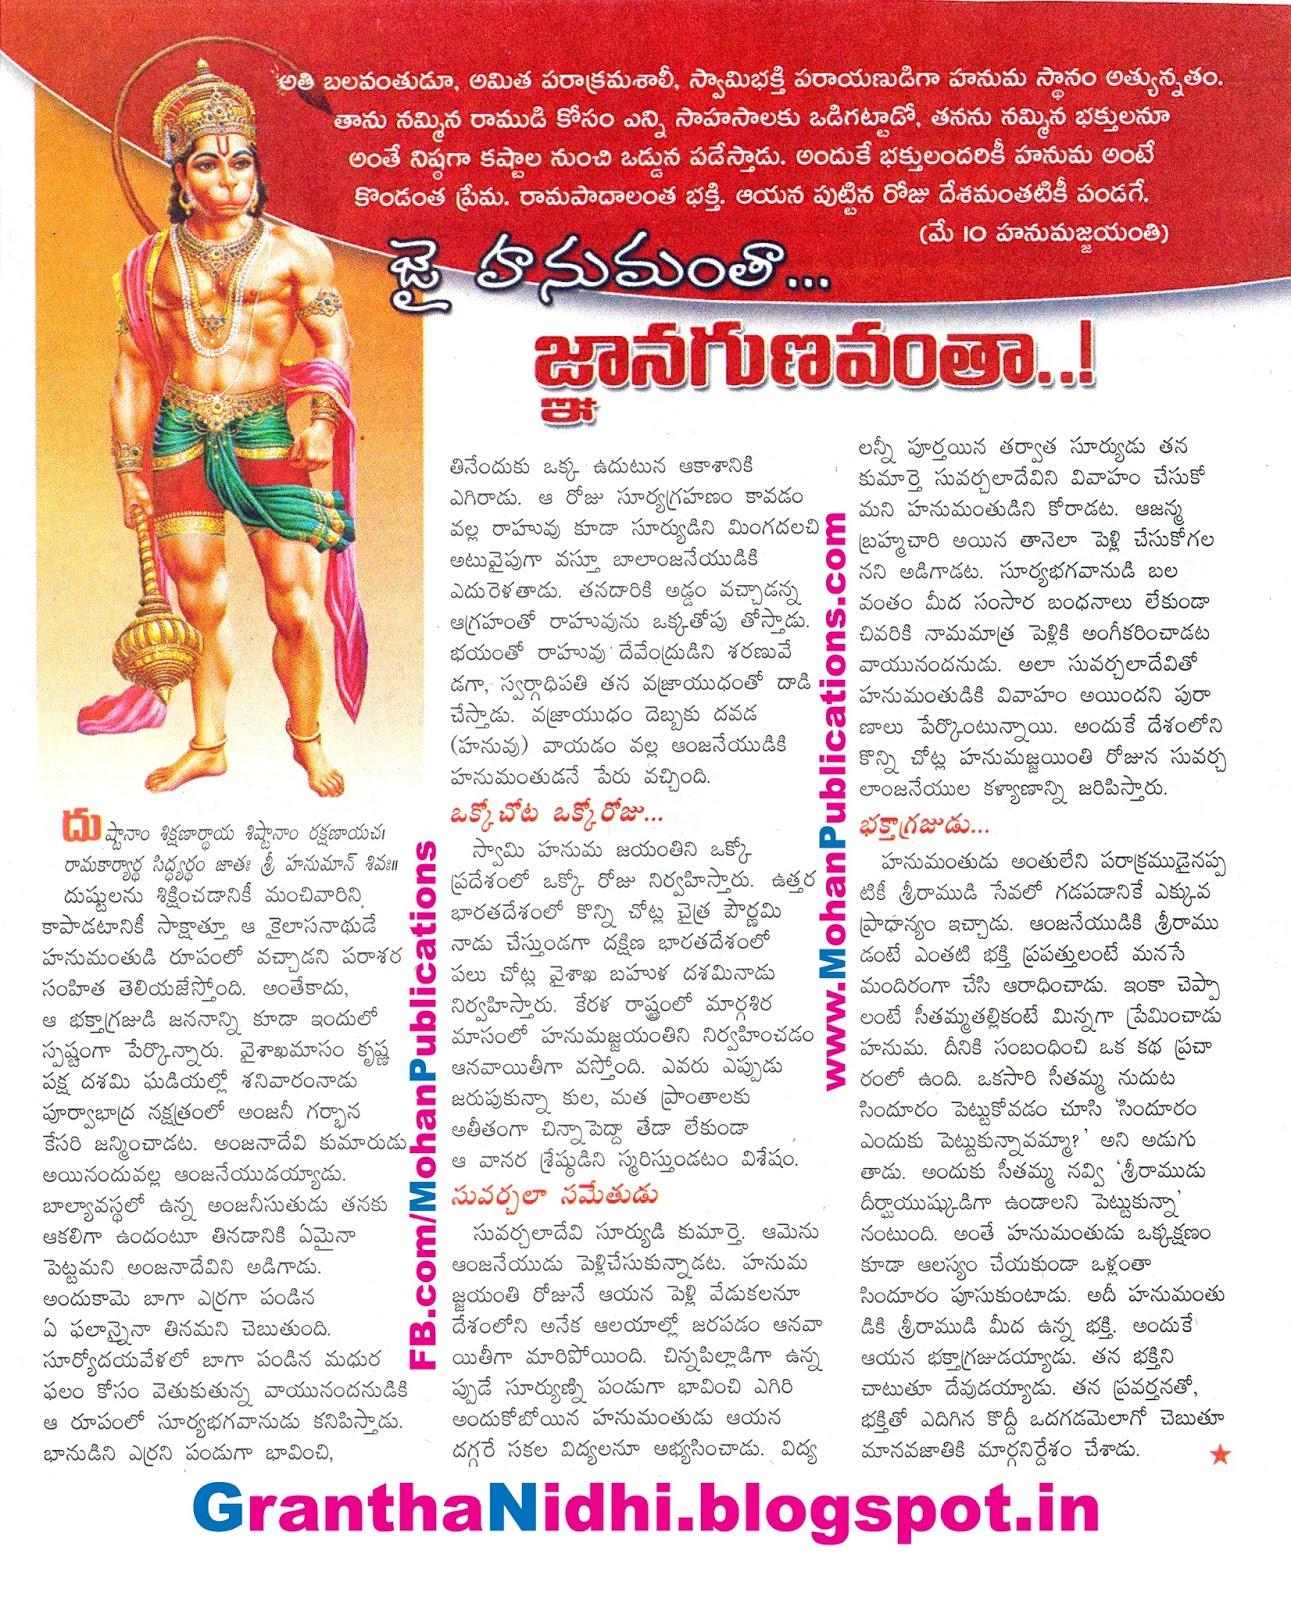 జై హనుమంతా.. జ్ఞానగుణవంతా..! Jai Hanuman lord hanuman hanuman jayanti hanuman jayanthi hanumad jayanti hanumad jayanthi lord anjaneya eenadu sunday eenadu eevaram sunday magazine eenadu sunday magazine sunday cover story Publications in Rajahmundry, Books Publisher in Rajahmundry, Popular Publisher in Rajahmundry, BhaktiPustakalu, Makarandam, Bhakthi Pustakalu, JYOTHISA,VASTU,MANTRA, TANTRA,YANTRA,RASIPALITALU, BHAKTI,LEELA,BHAKTHI SONGS, BHAKTHI,LAGNA,PURANA,NOMULU, VRATHAMULU,POOJALU,  KALABHAIRAVAGURU, SAHASRANAMAMULU,KAVACHAMULU, ASHTORAPUJA,KALASAPUJALU, KUJA DOSHA,DASAMAHAVIDYA, SADHANALU,MOHAN PUBLICATIONS, RAJAHMUNDRY BOOK STORE, BOOKS,DEVOTIONAL BOOKS, KALABHAIRAVA GURU,KALABHAIRAVA, RAJAMAHENDRAVARAM,GODAVARI,GOWTHAMI, FORTGATE,KOTAGUMMAM,GODAVARI RAILWAY STATION, PRINT BOOKS,E BOOKS,PDF BOOKS, FREE PDF BOOKS,BHAKTHI MANDARAM,GRANTHANIDHI, GRANDANIDI,GRANDHANIDHI, BHAKTHI PUSTHAKALU, BHAKTI PUSTHAKALU, BHAKTHI